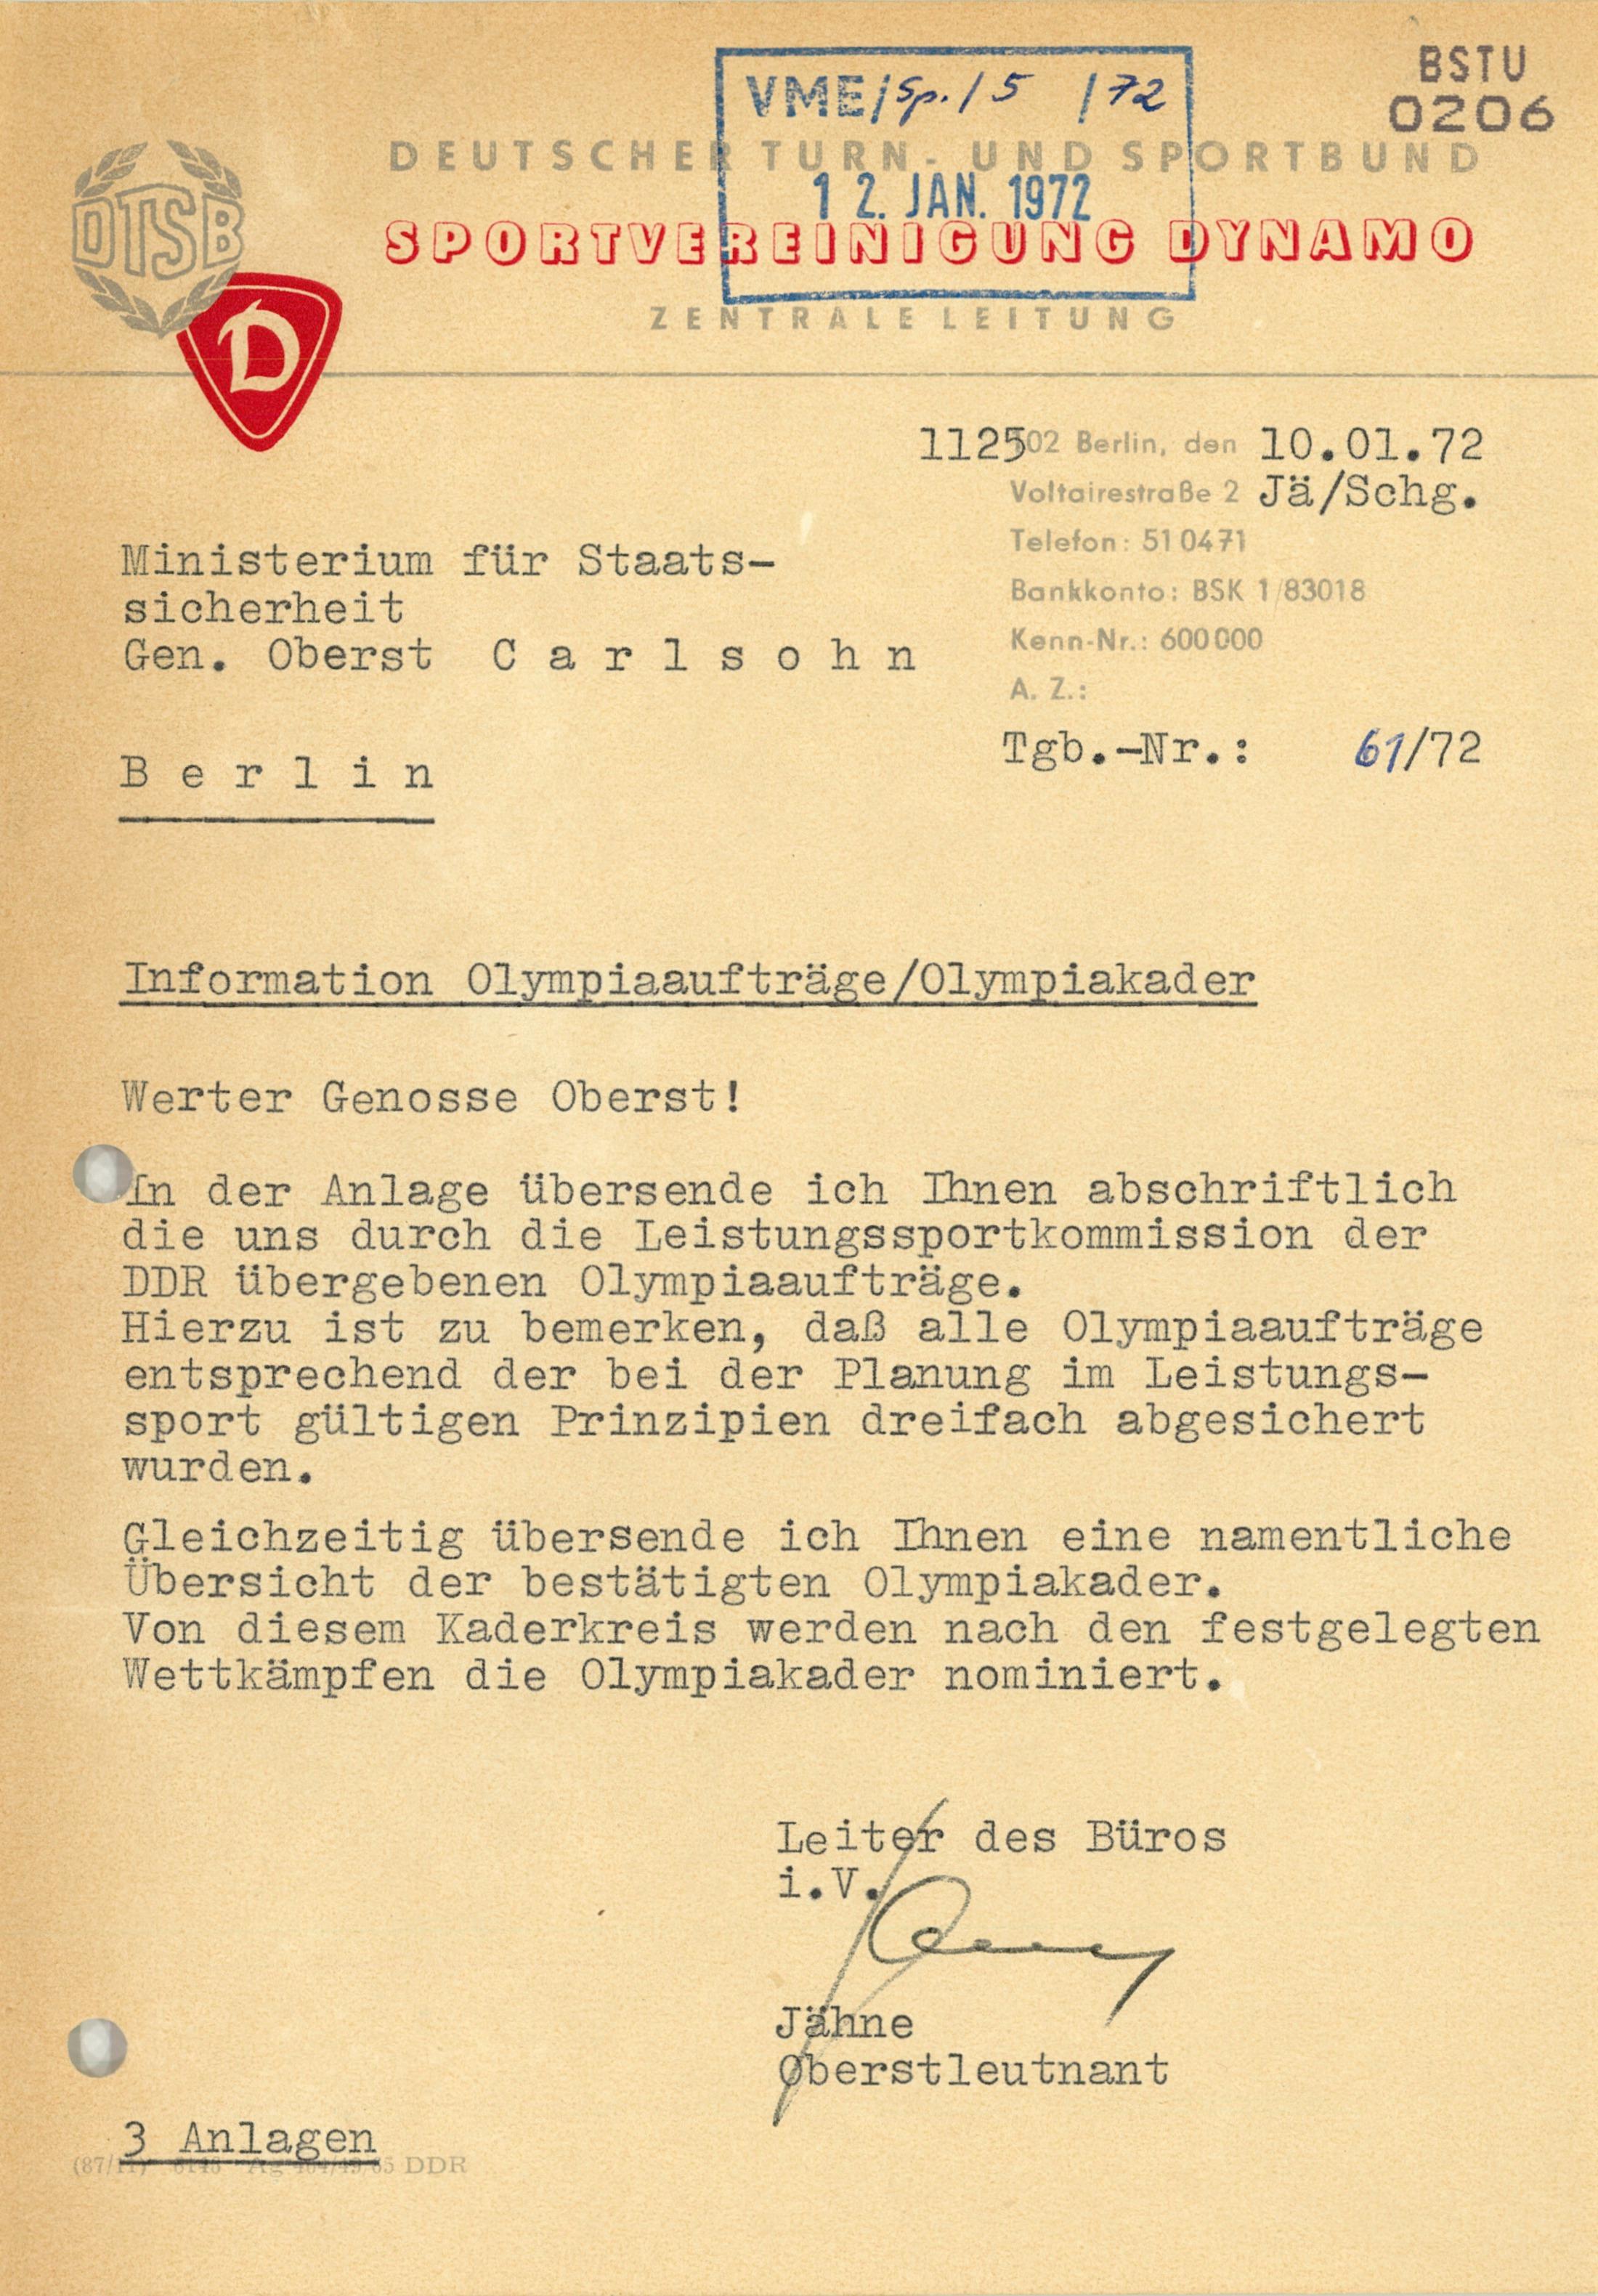 Information Olympiaaufträge/Olympiakader   Mediathek der Stasi ...